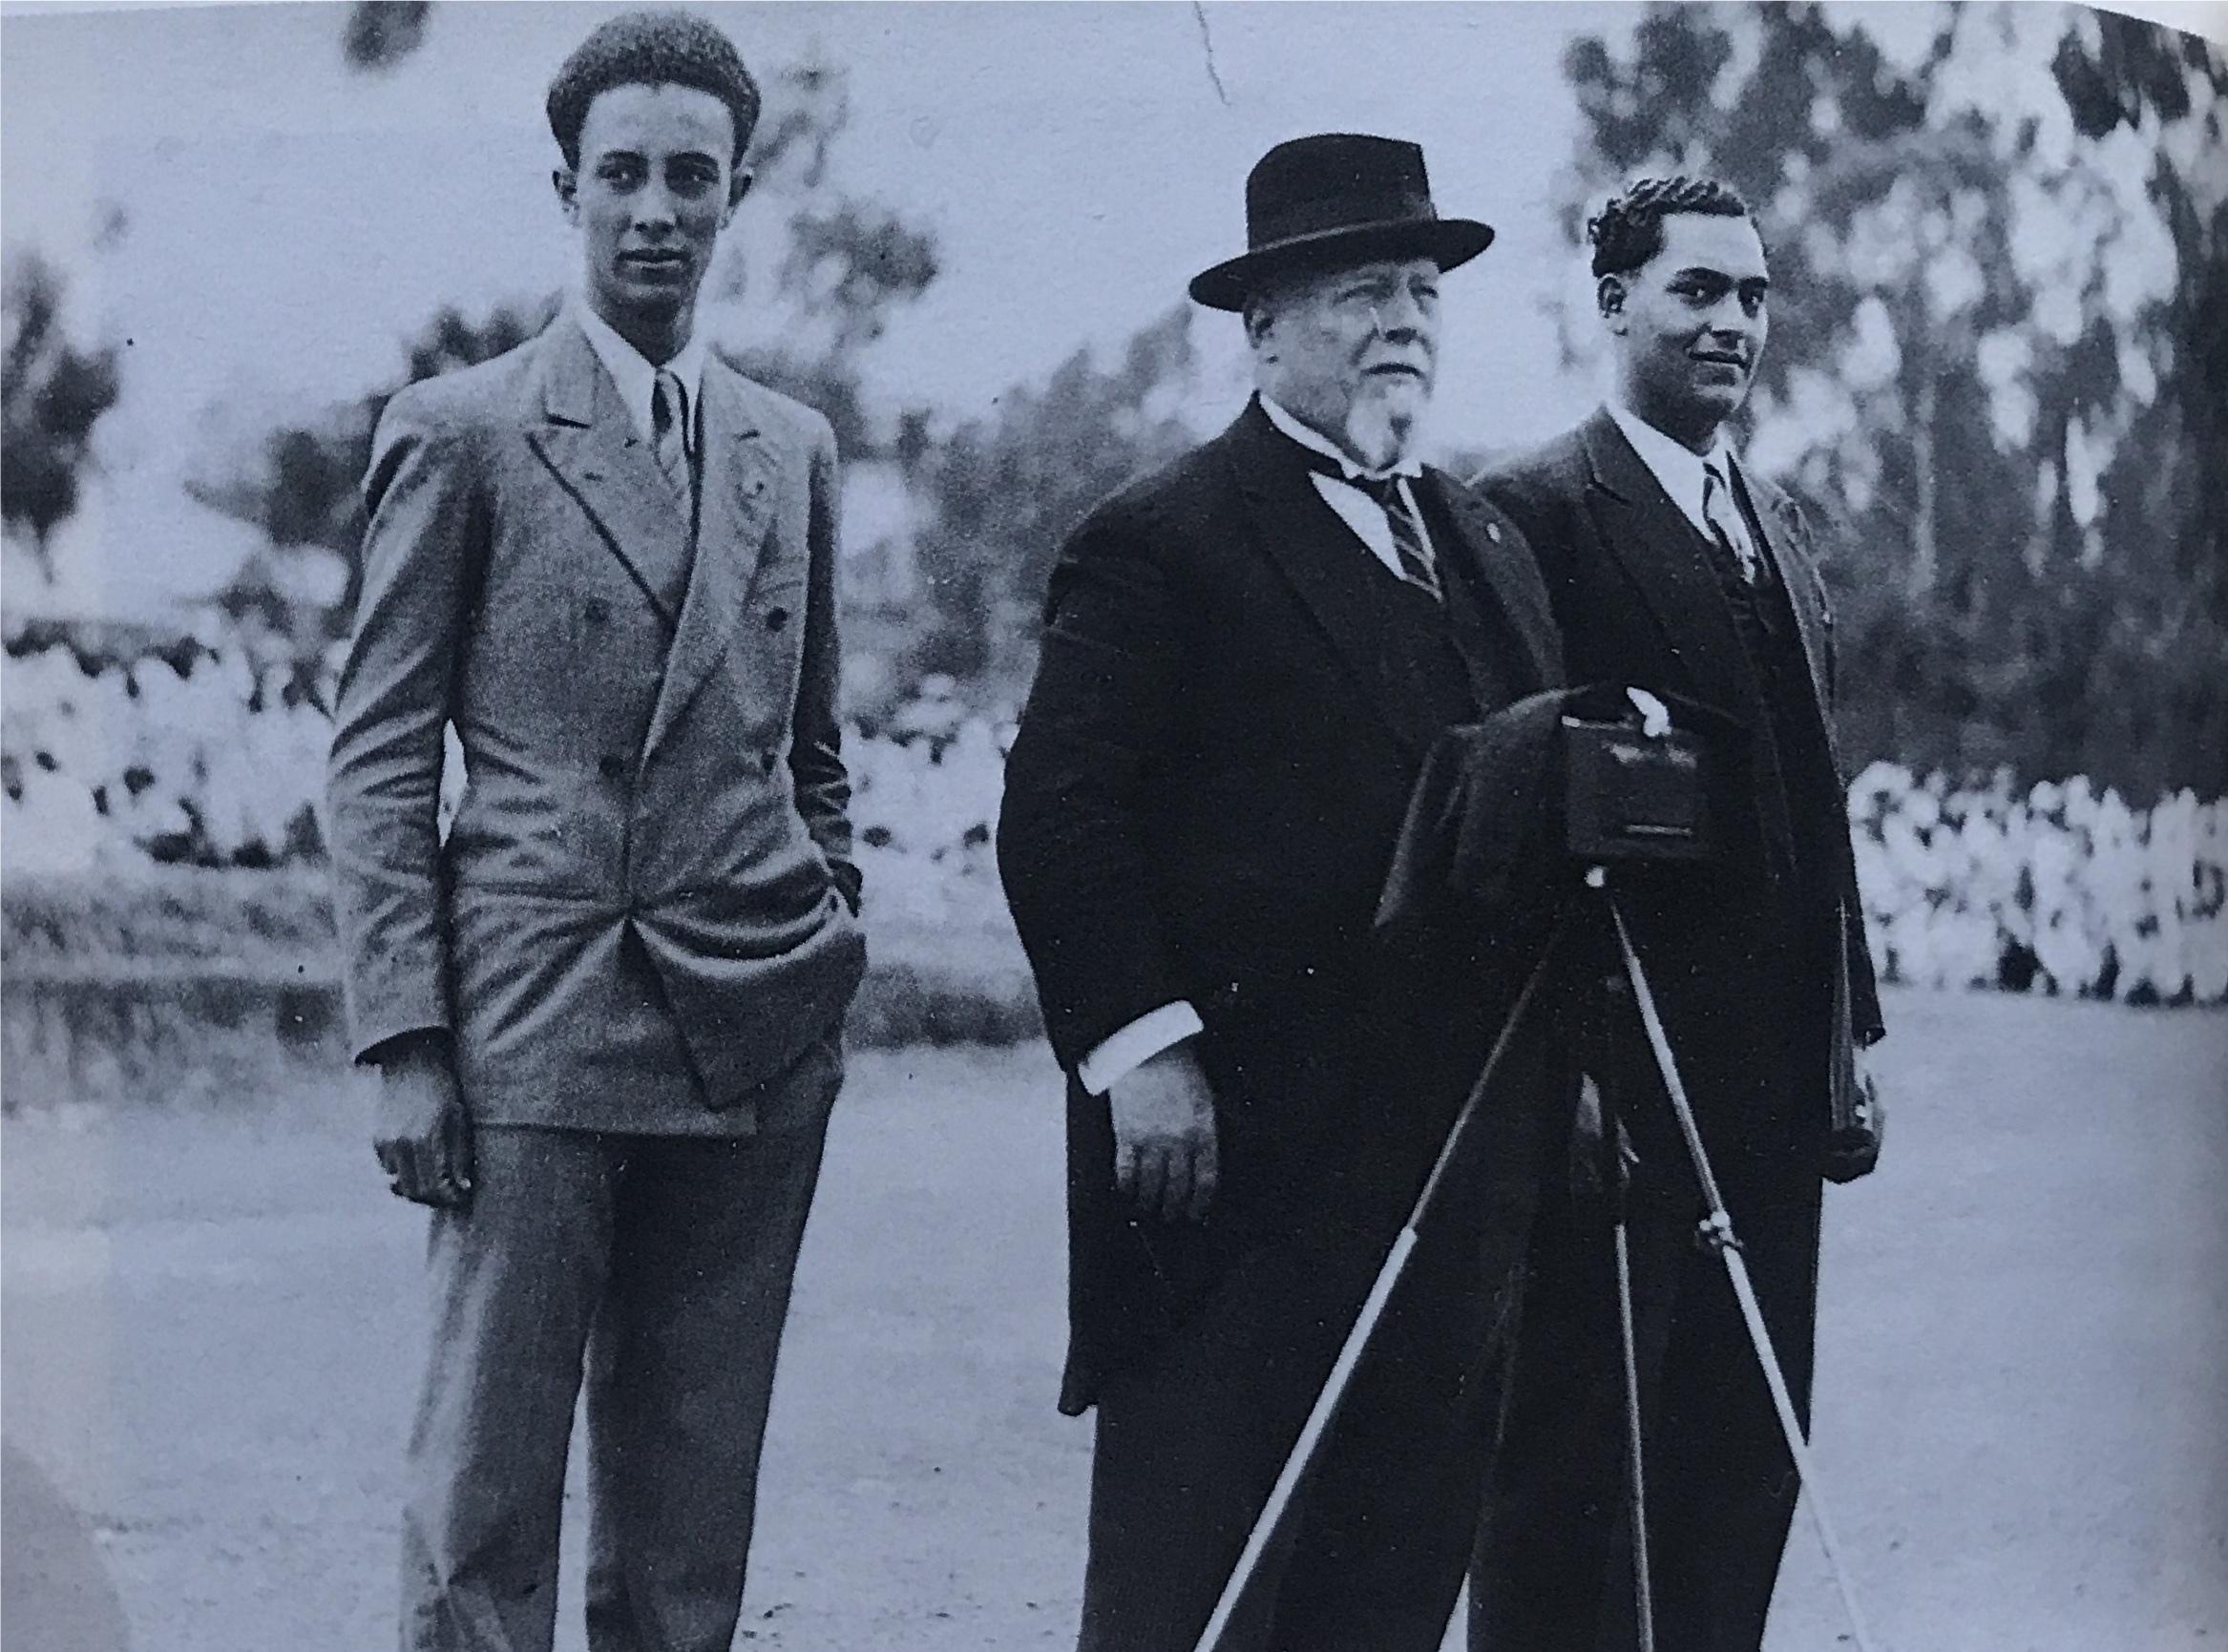 Alberto Pollera  con i figli Giorgio ( a sinistra) e Gabriele (a destra) Foto in: Barbara Sòrgoni, Etnografia e colonialismo. L'Eritrea e l'Etiopia di Alberto Pollera 1873-1939